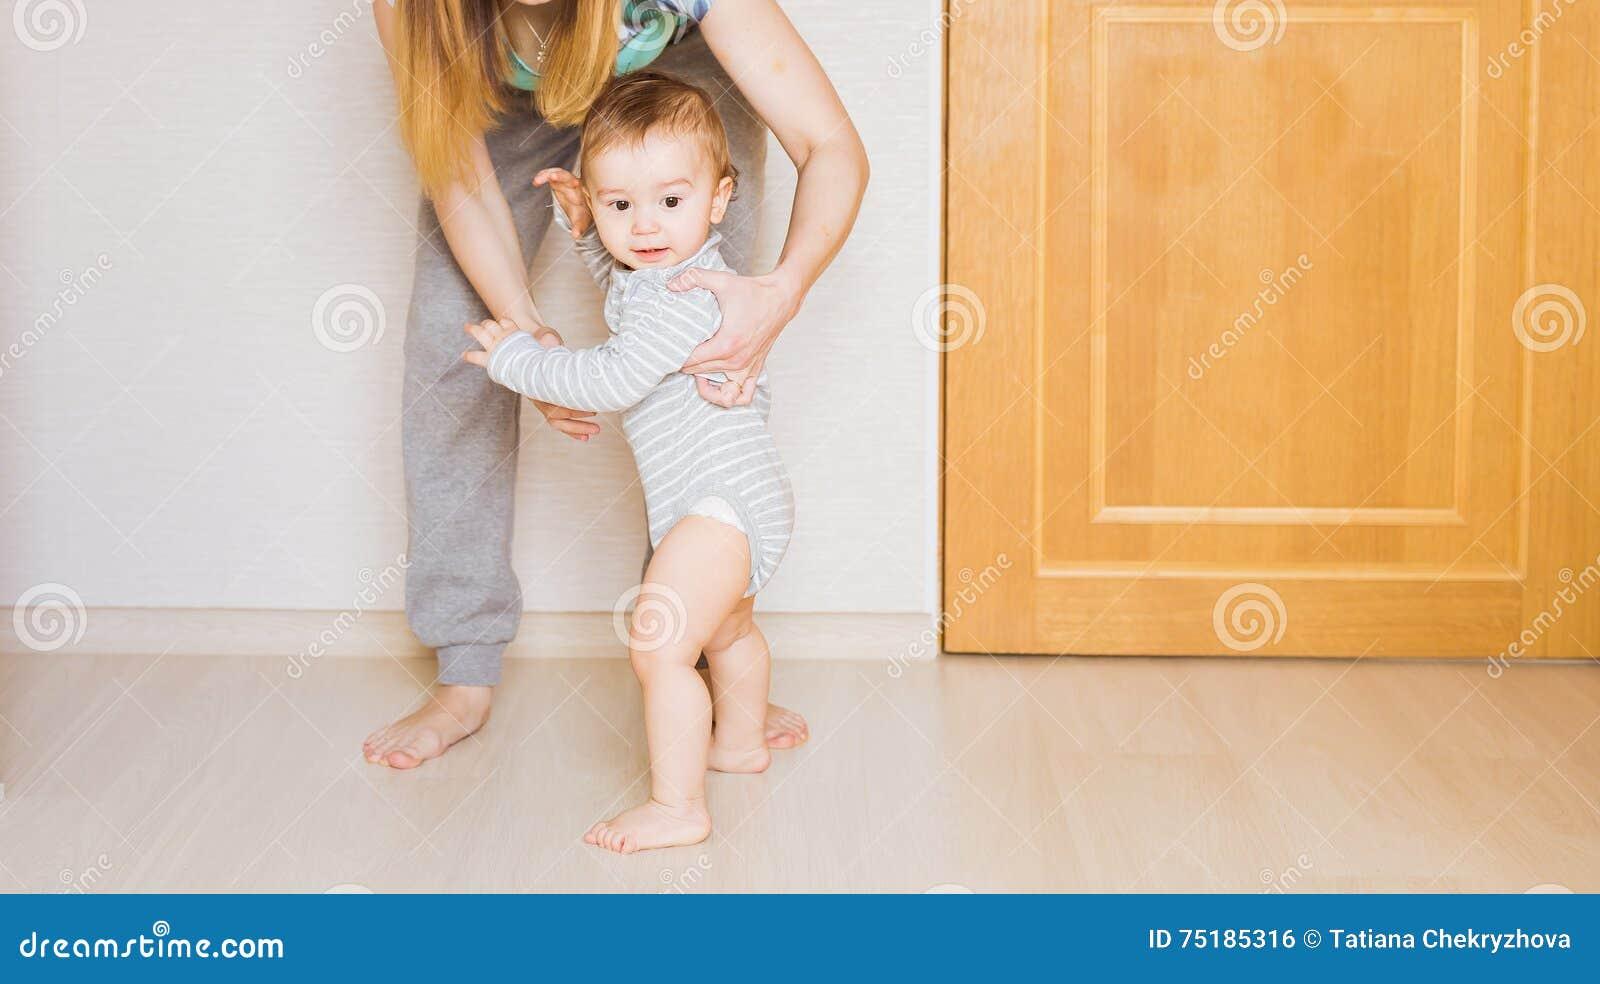 Kleines Kinderbaby, das erste Schritte machend lächelt